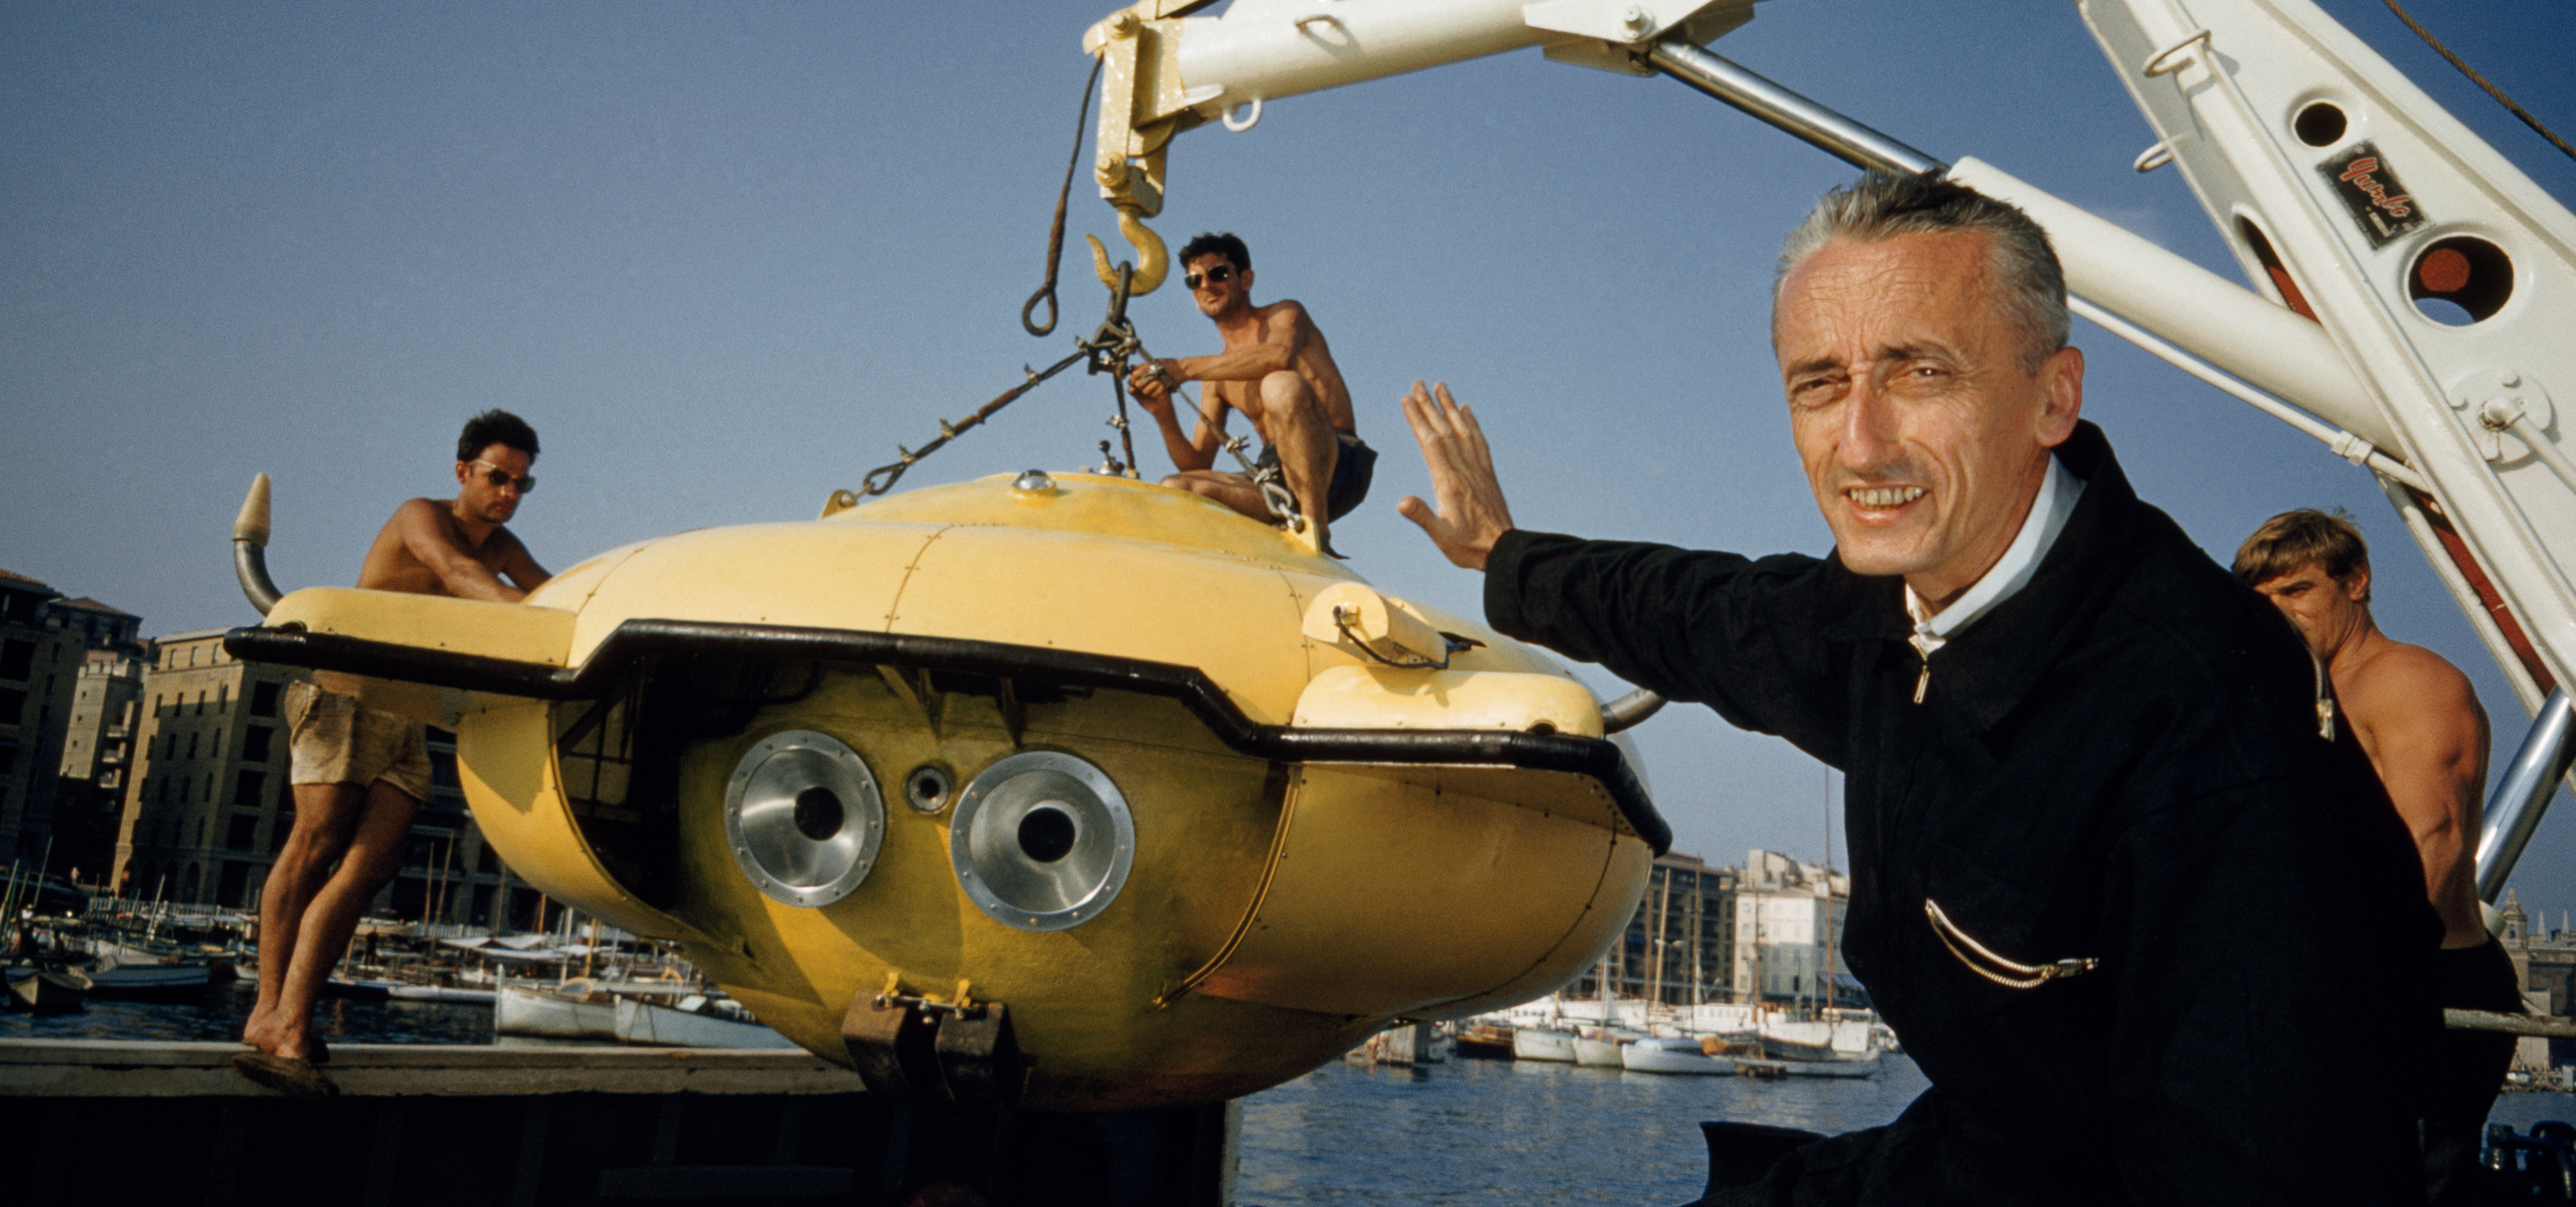 To on pokazał nam świat ukryty w morskich głębinach. National Geographic Documentary Films przedstawi biografię Jacquesa Cousteau